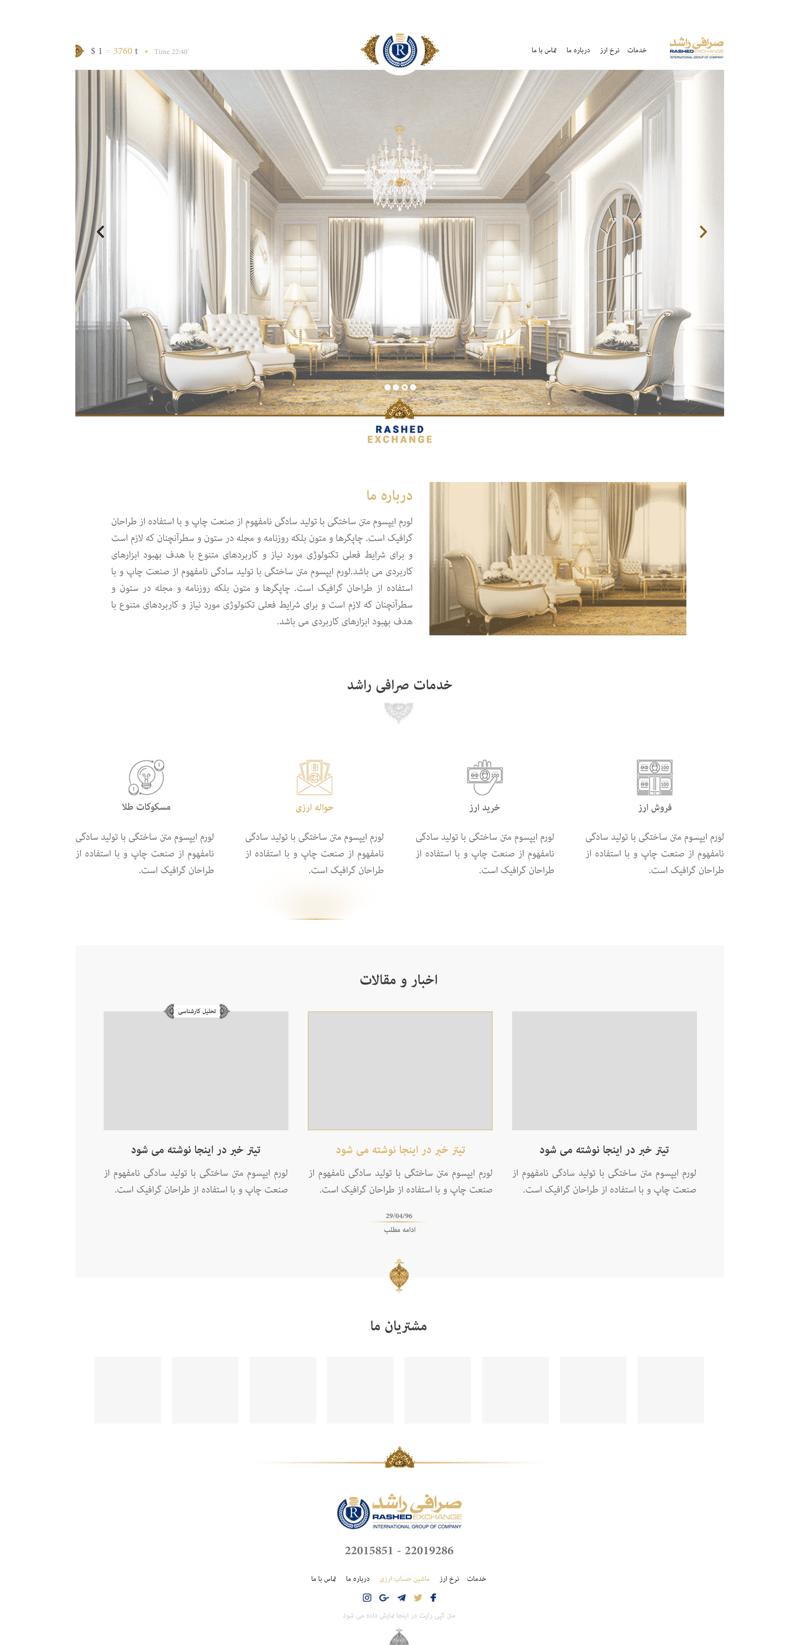 طراحی سایت شرکتی صرافی راشد